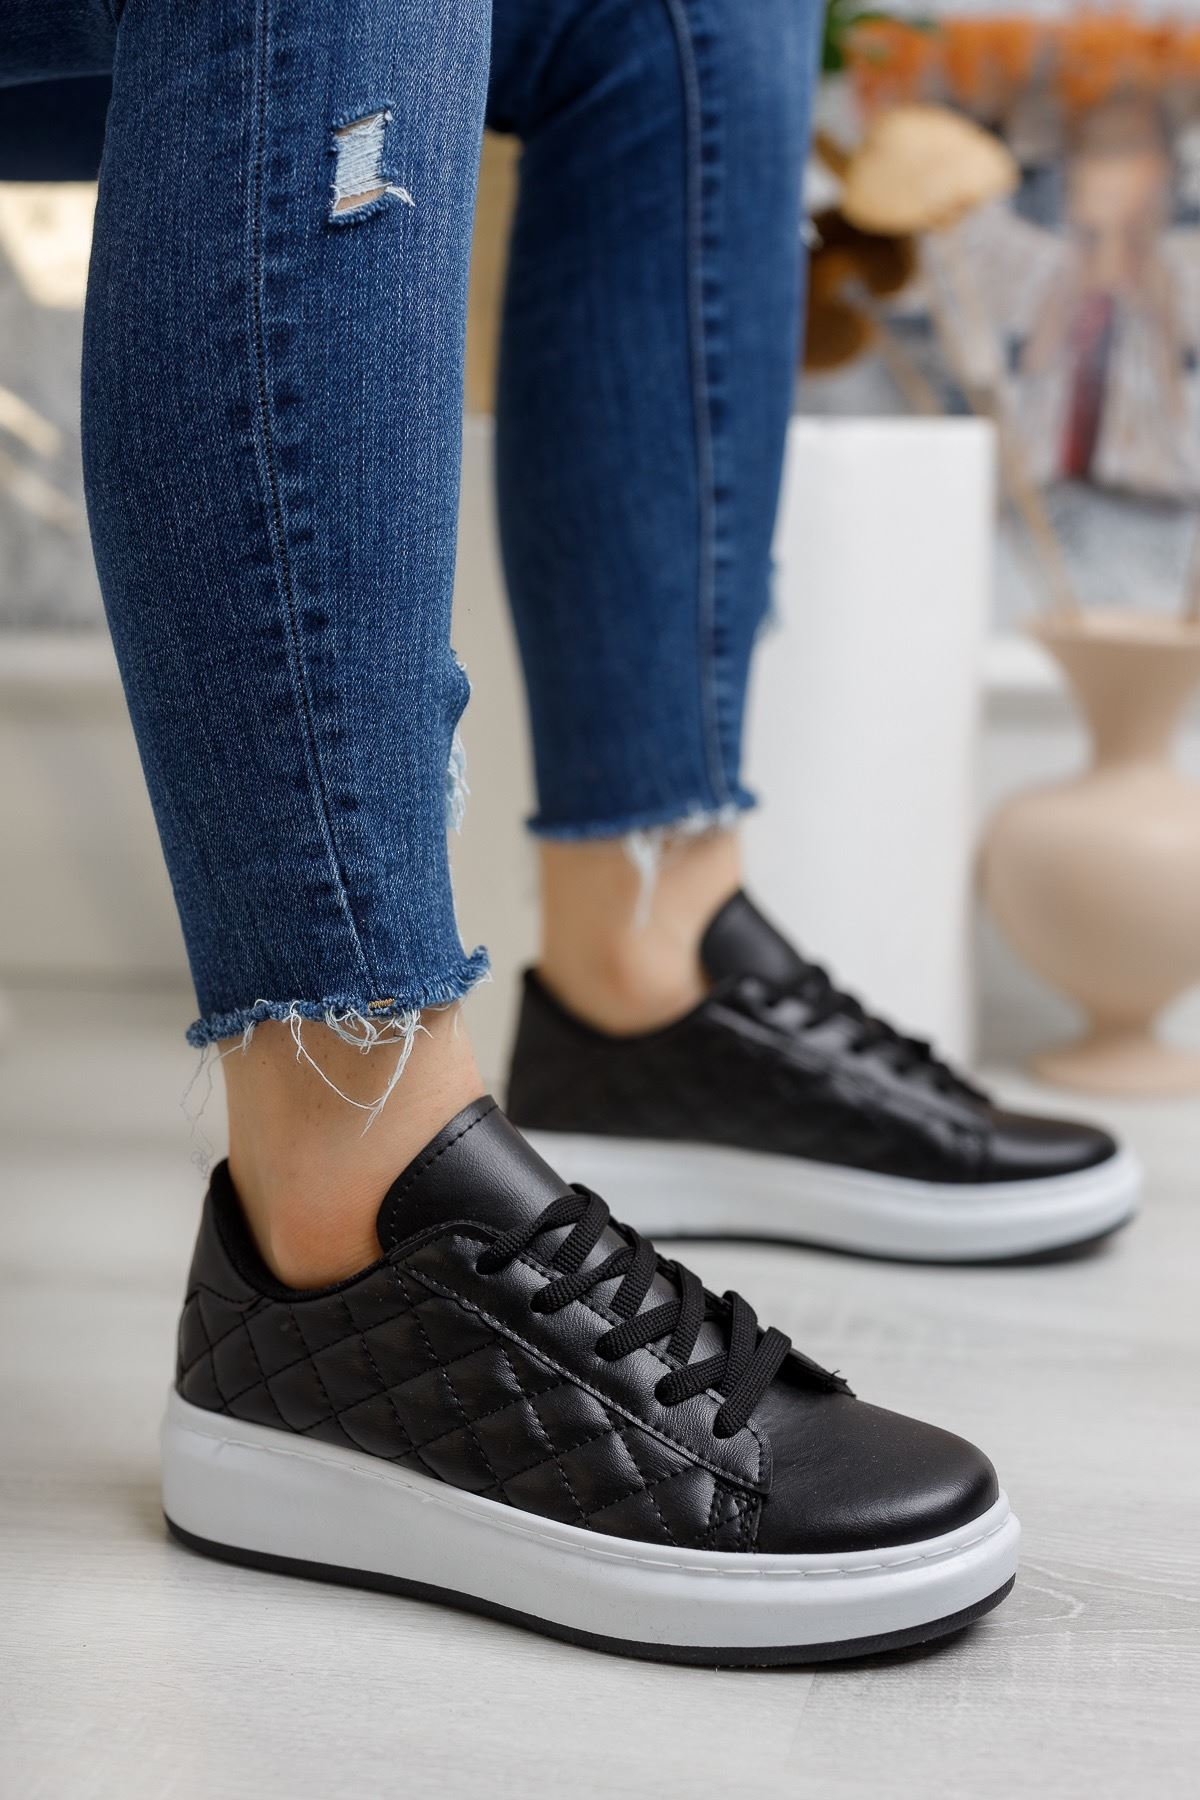 Bağcıklı Kapitone Siyah Tabanı Beyaz Spor Ayakkabı